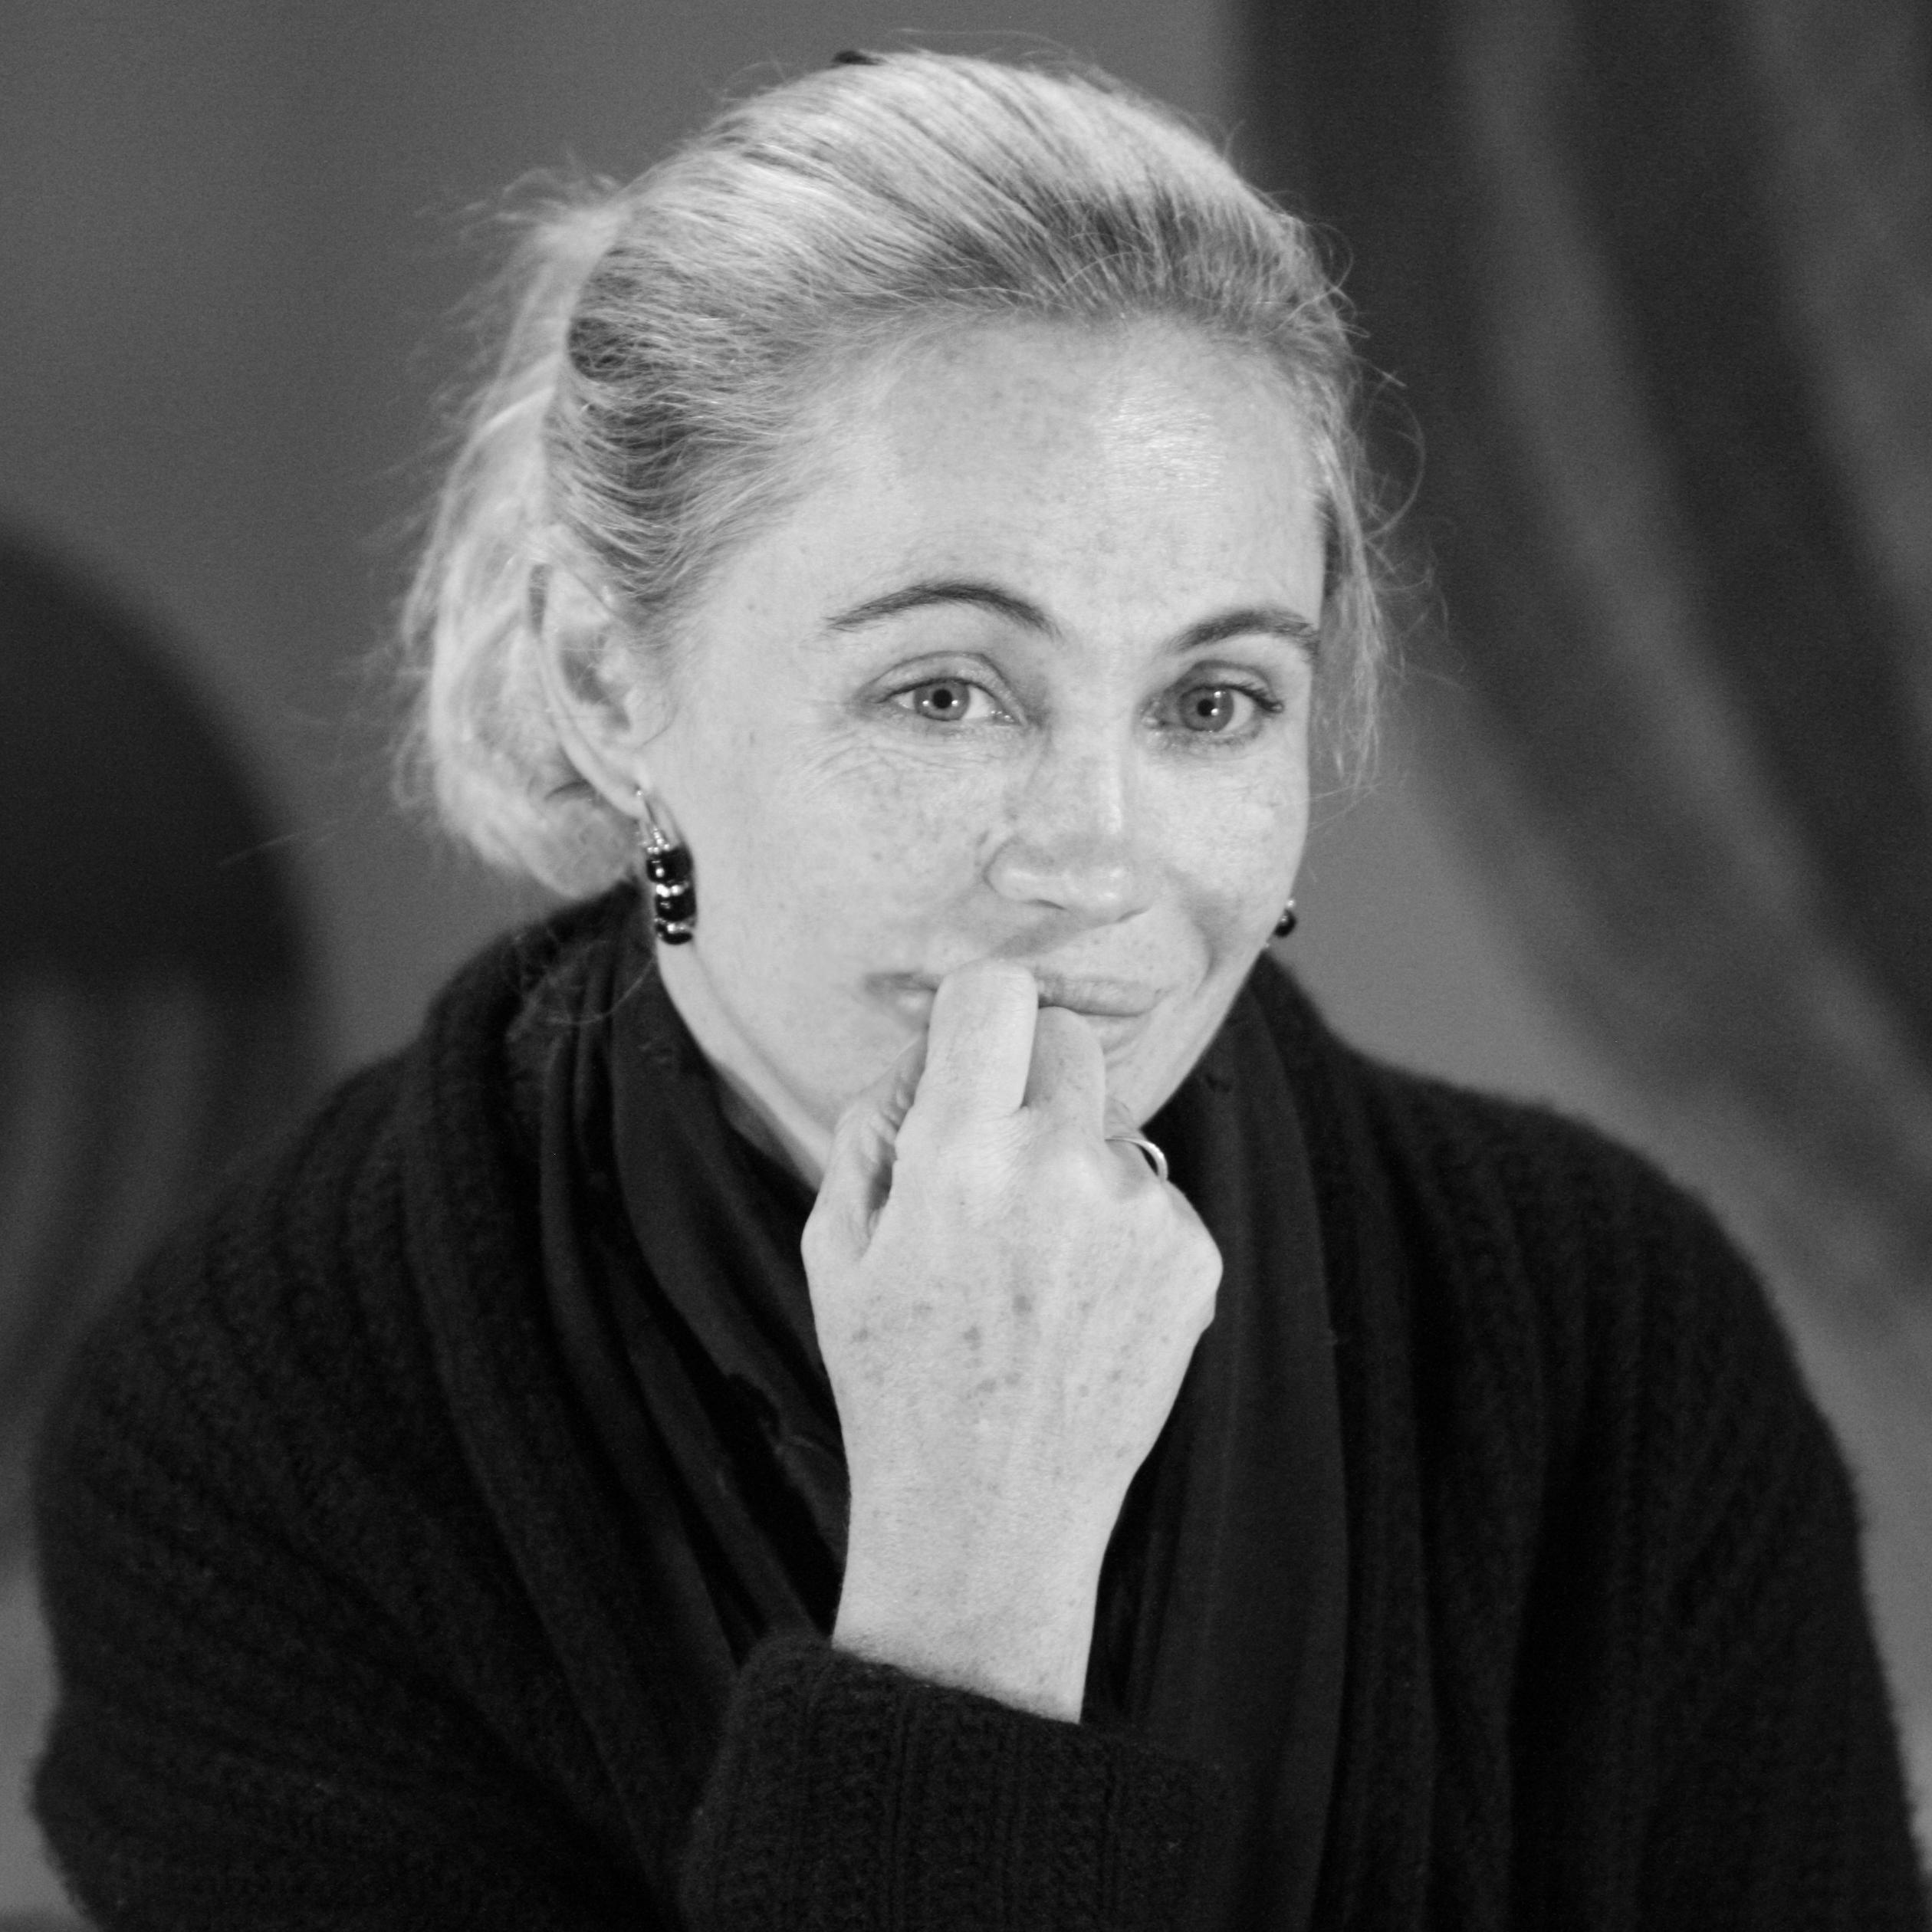 Emmanuelle_Béart